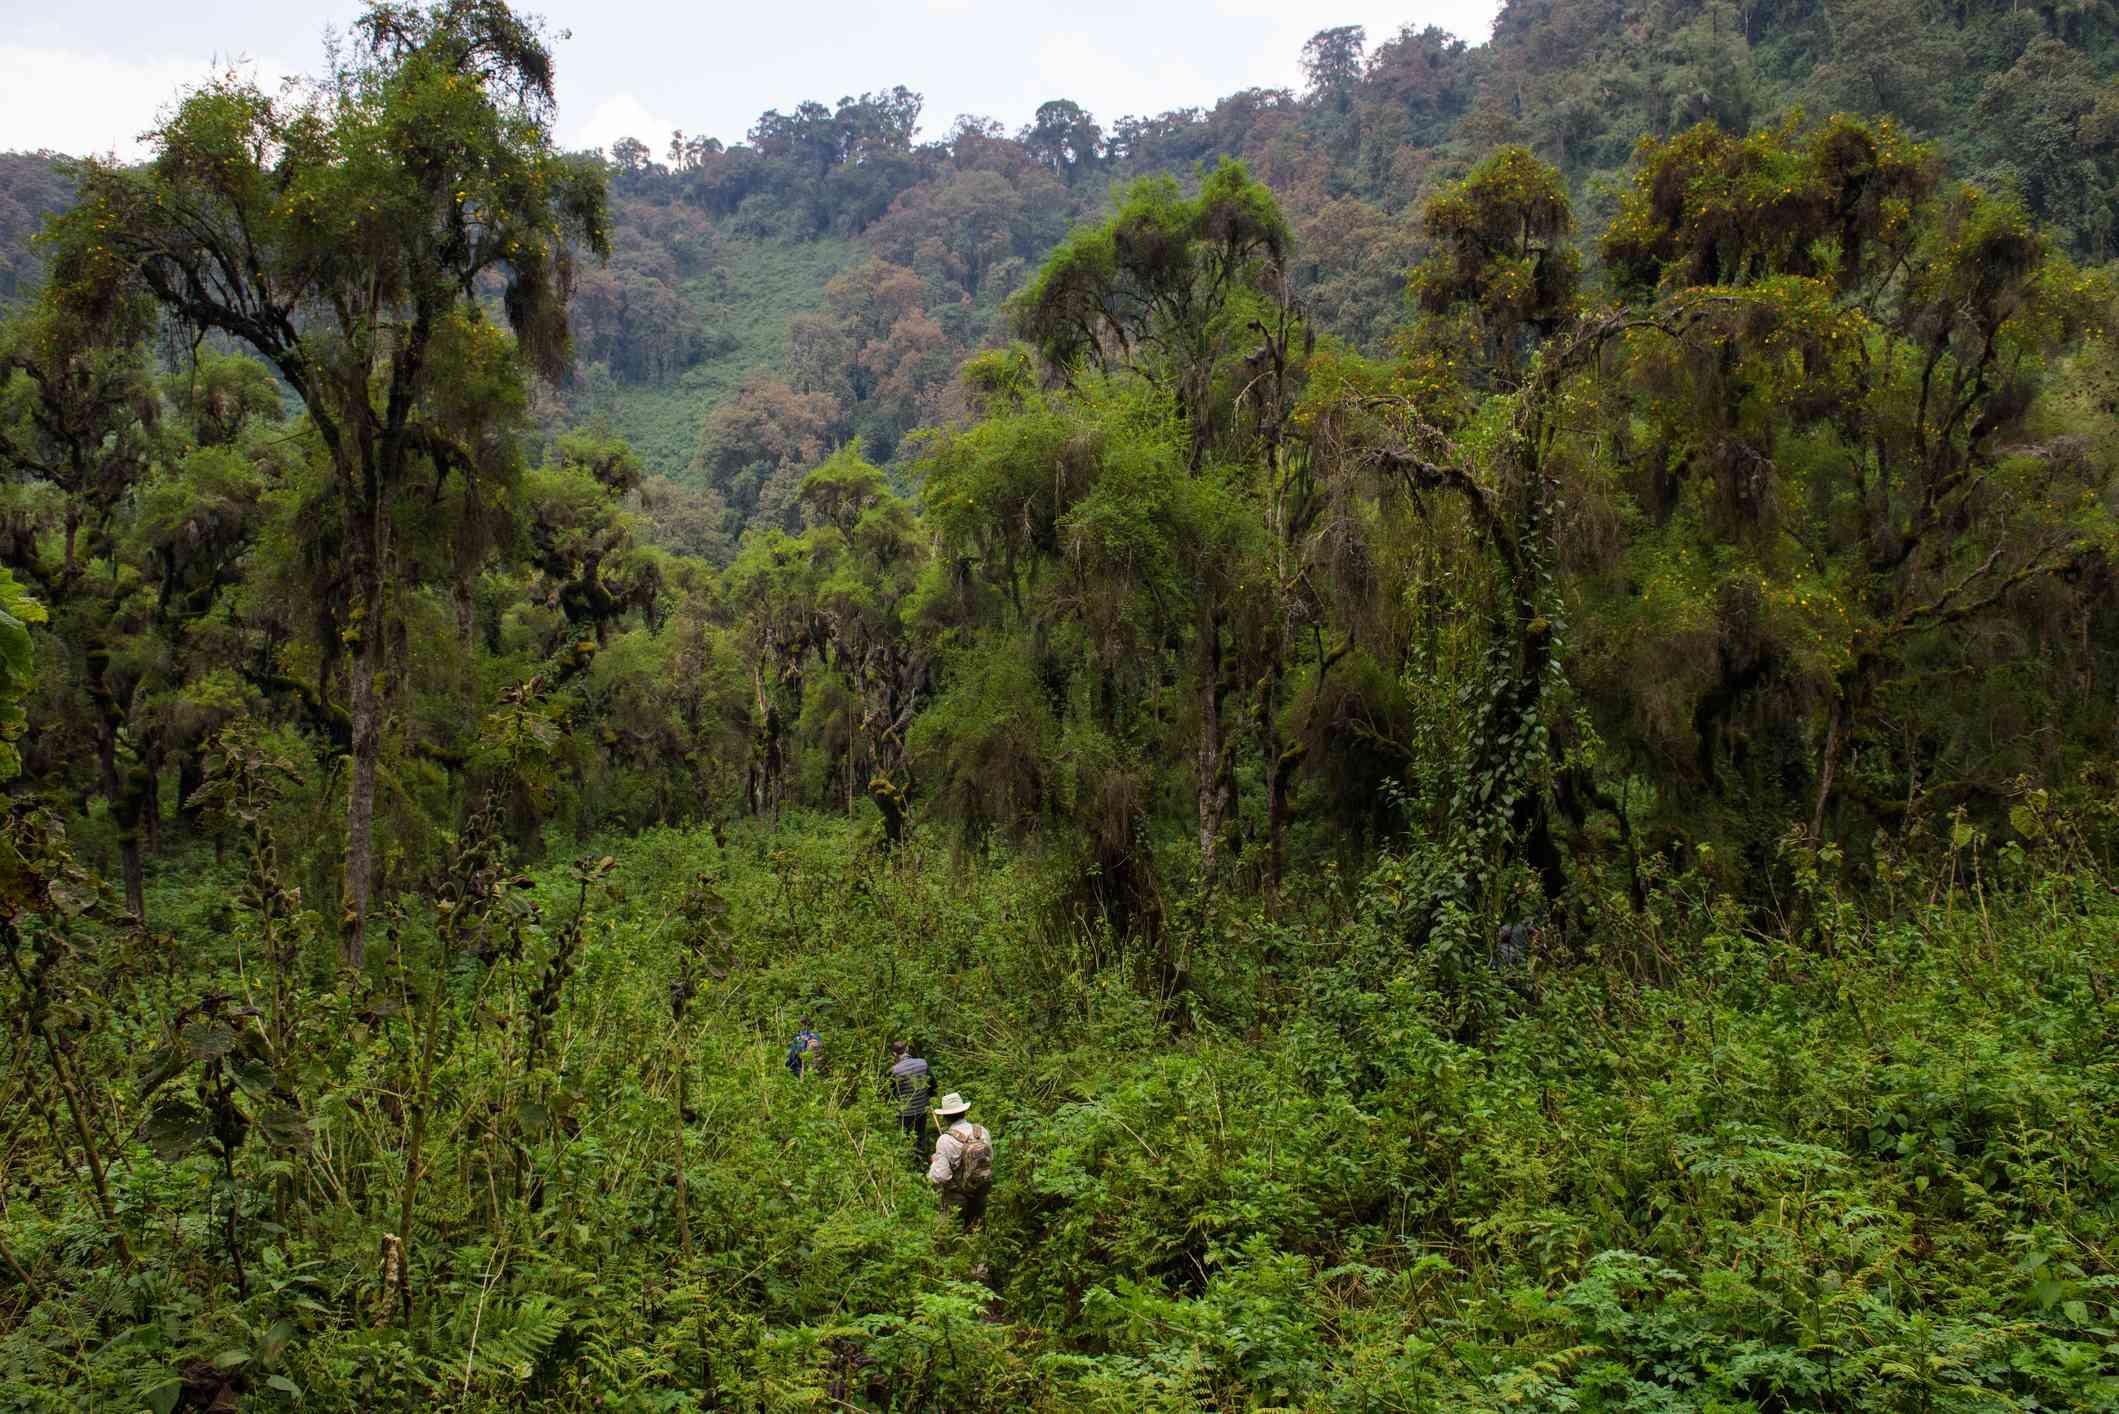 Trekking through the jungle, Rwanda